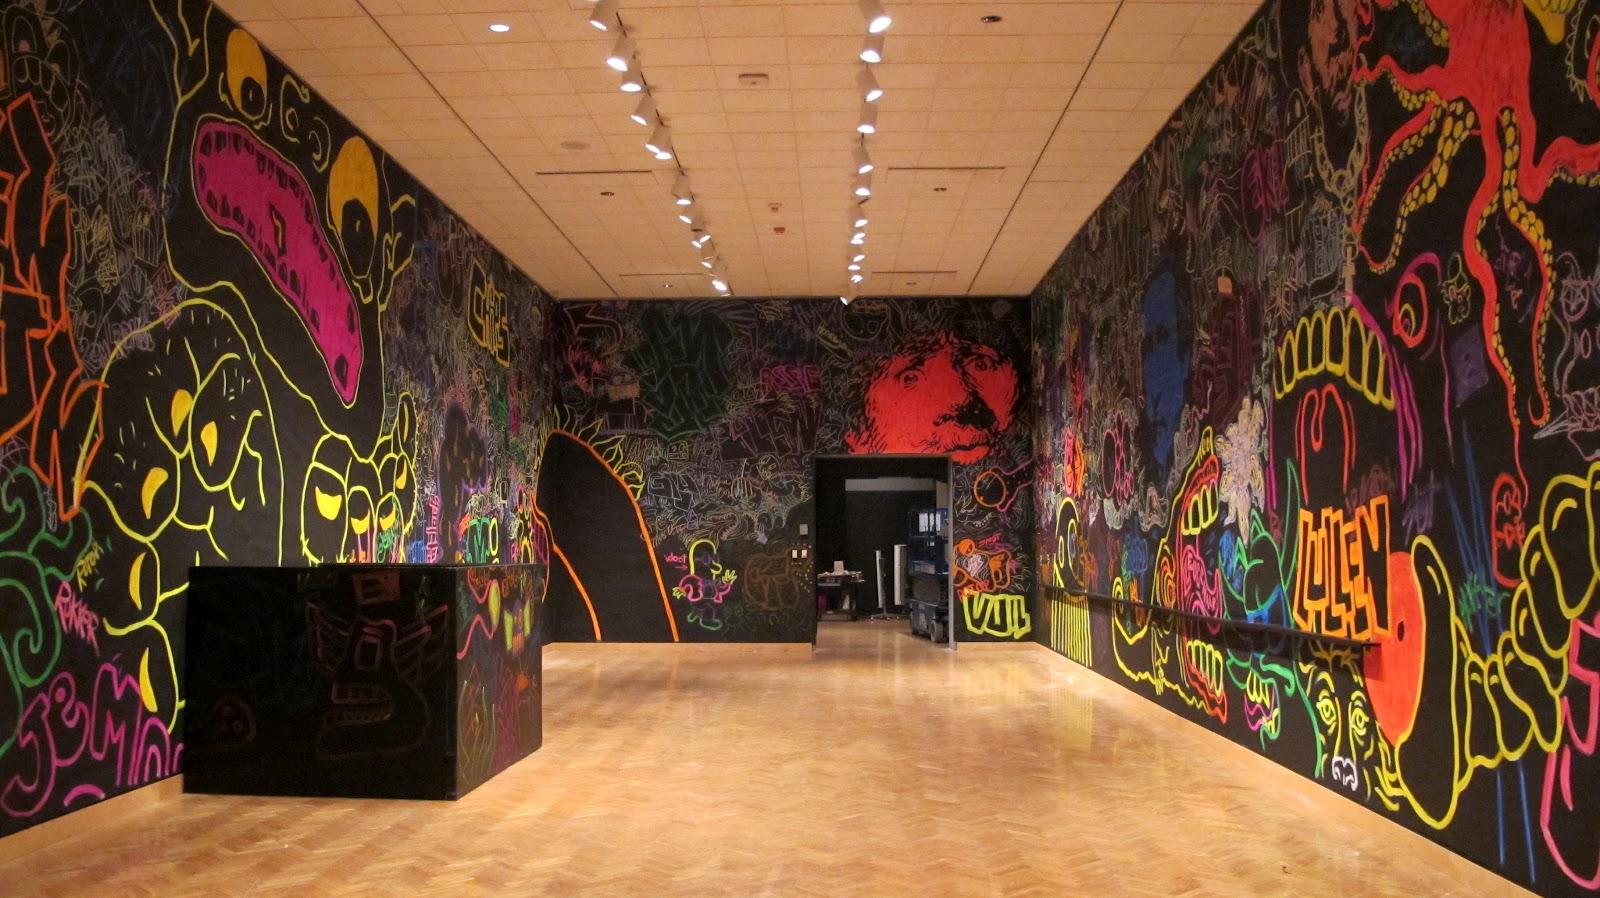 Studio Mccann Minneapolis Institute Of Arts Rembrandt